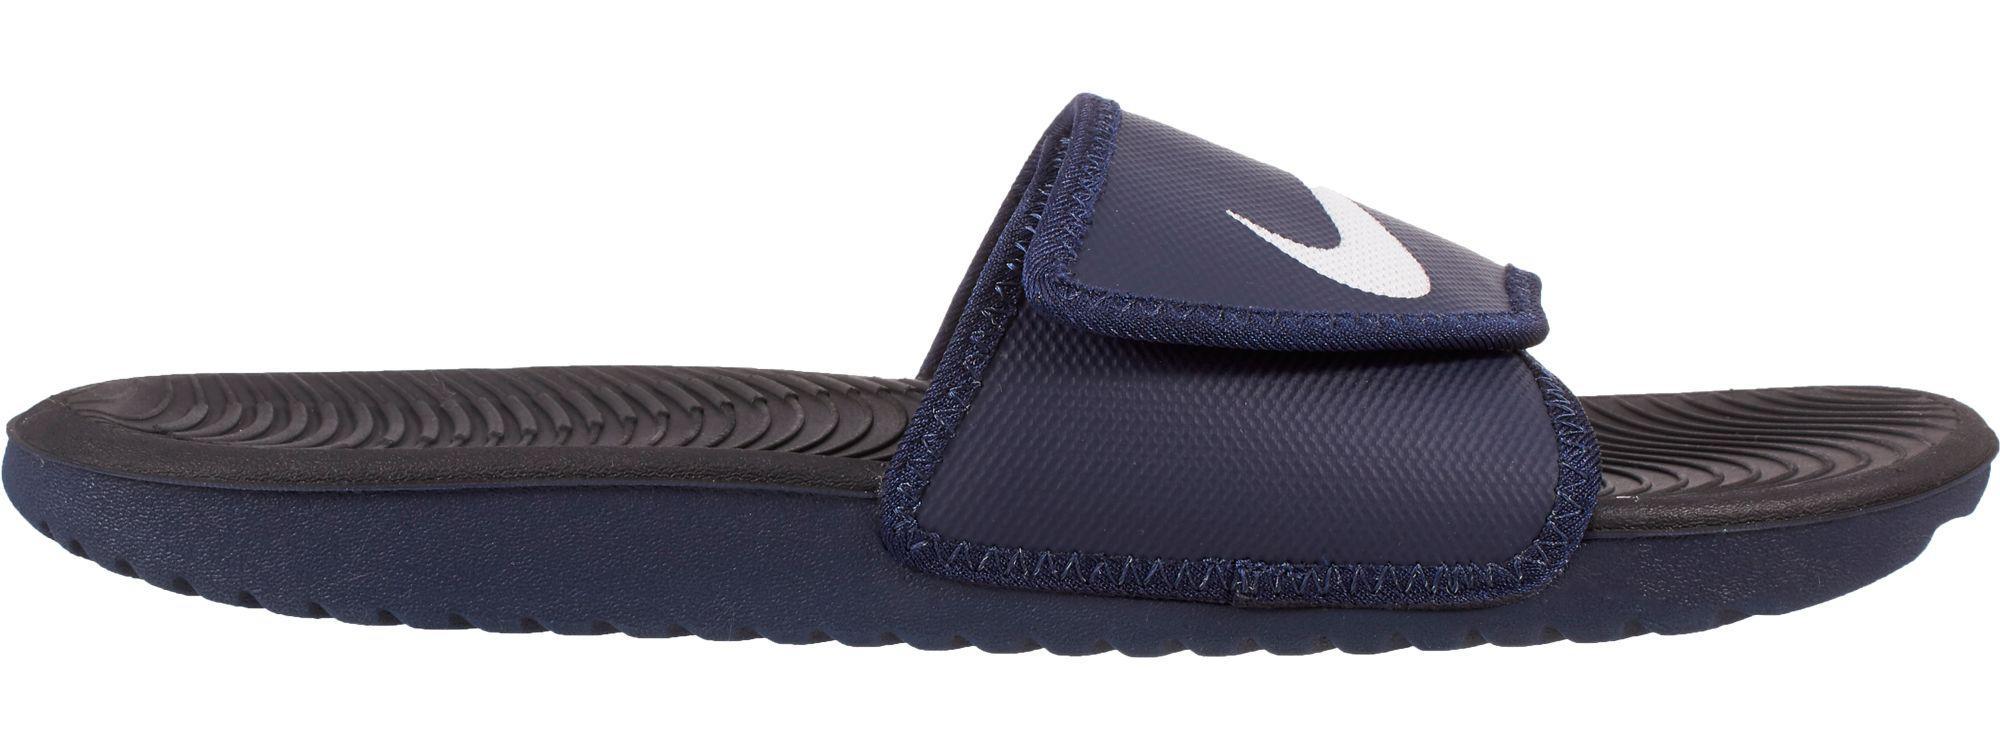 d6d835749 Nike Kawa Adjustable Slides in Blue for Men - Lyst